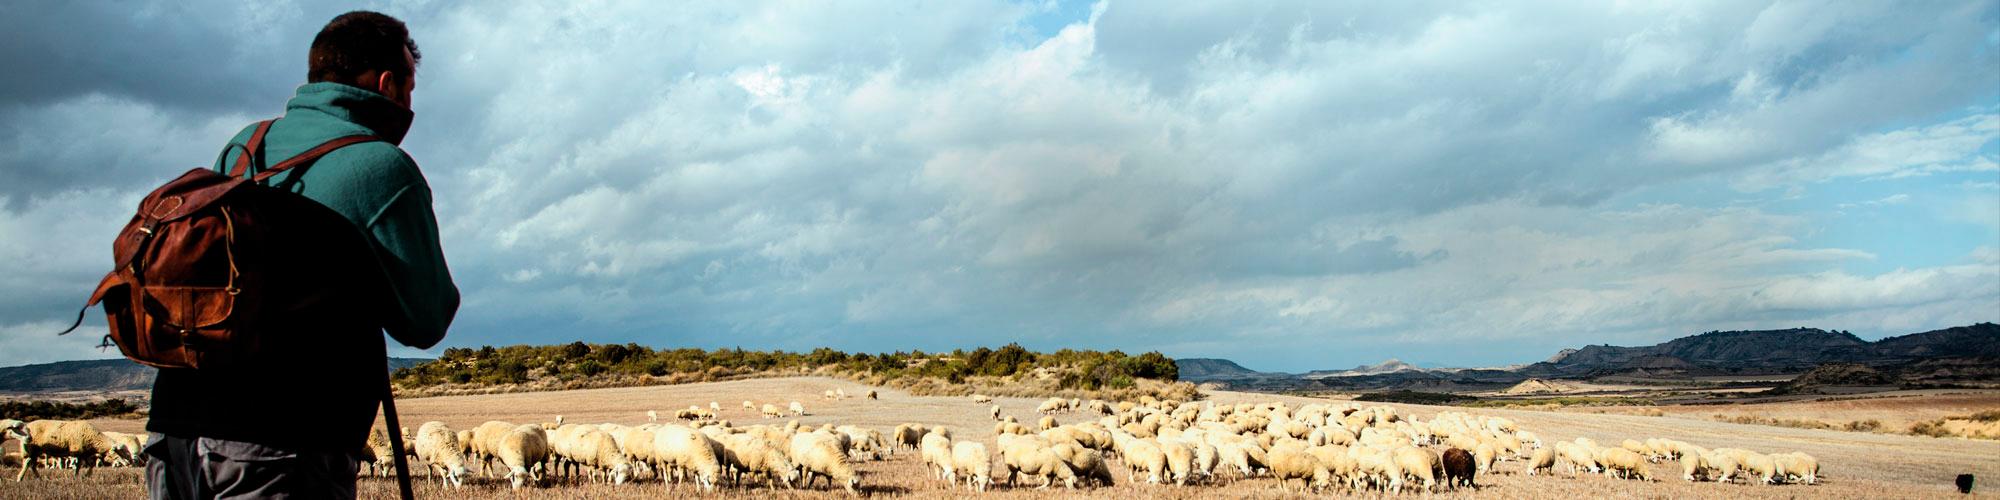 Un pastor observa el rebaño de ovejas y corderos mientras pastan en el campo